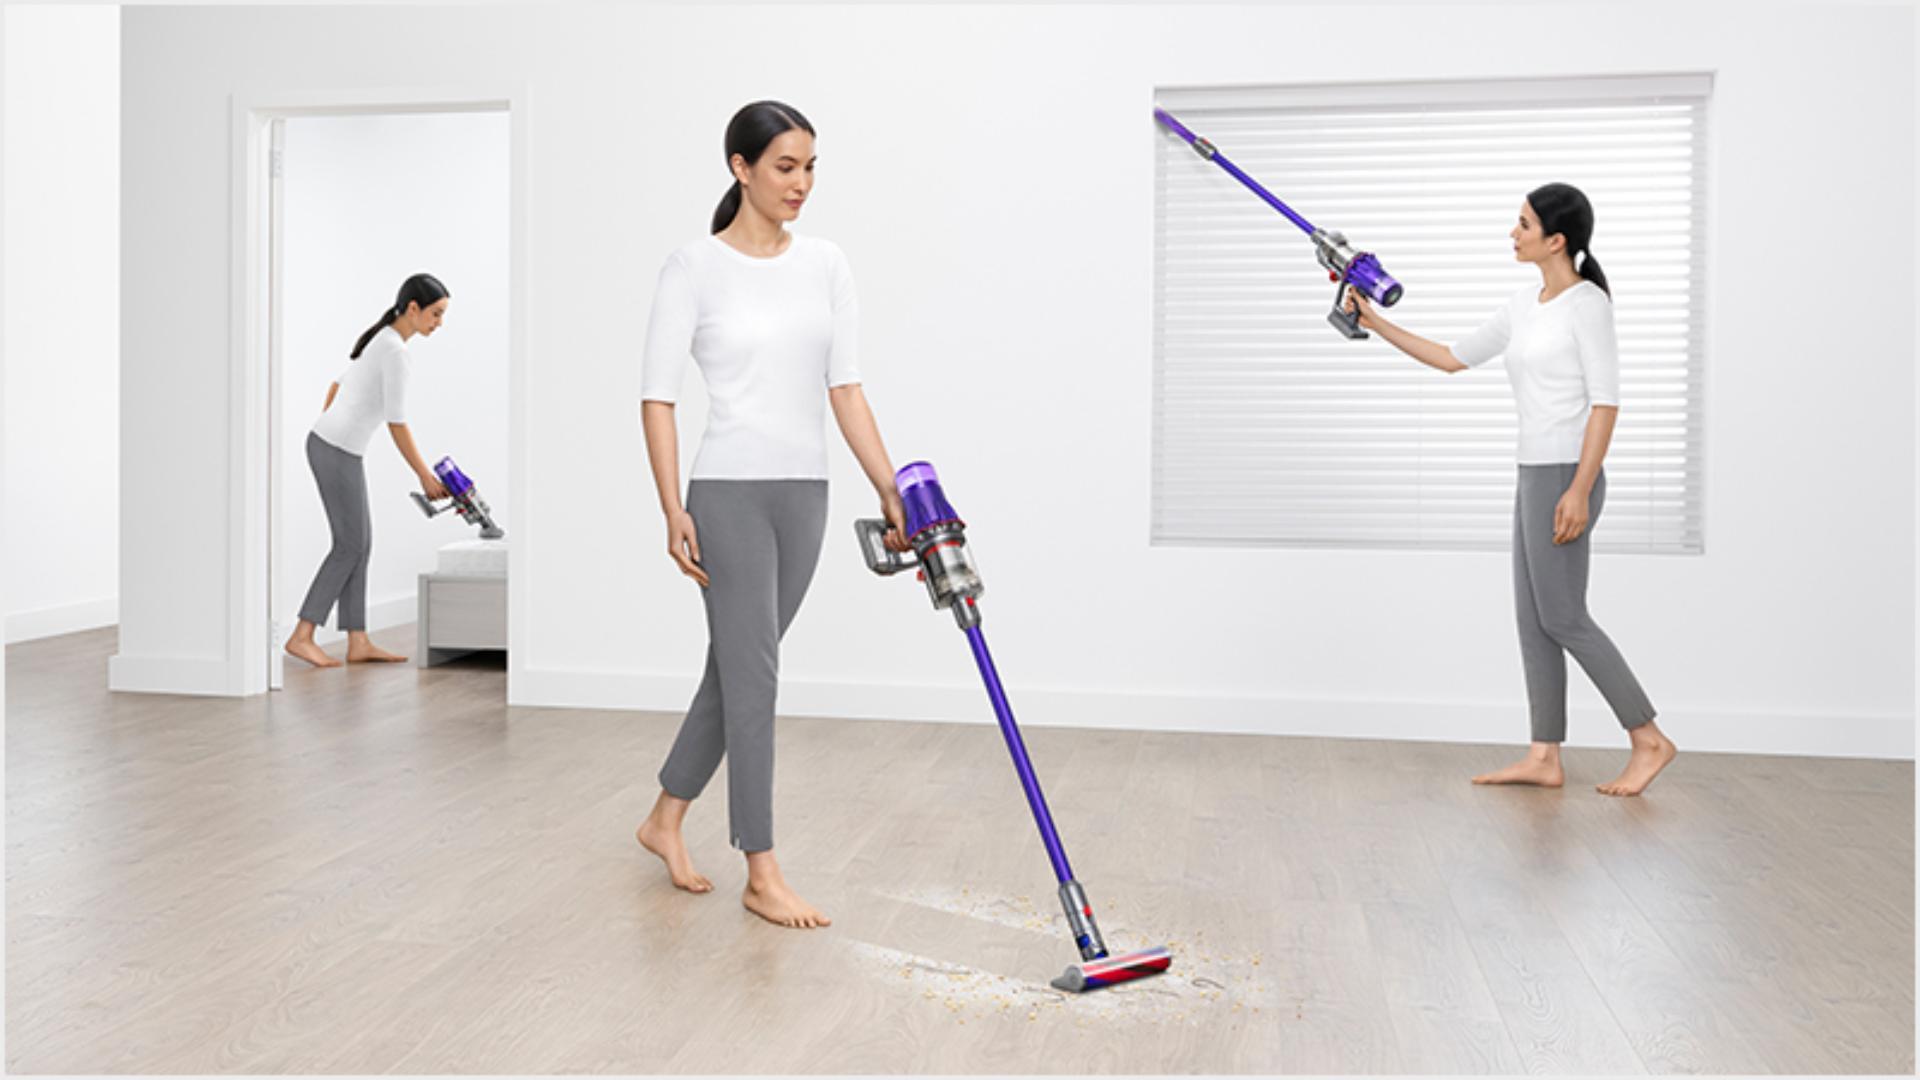 女性以三種不同方法清潔家居的圖像